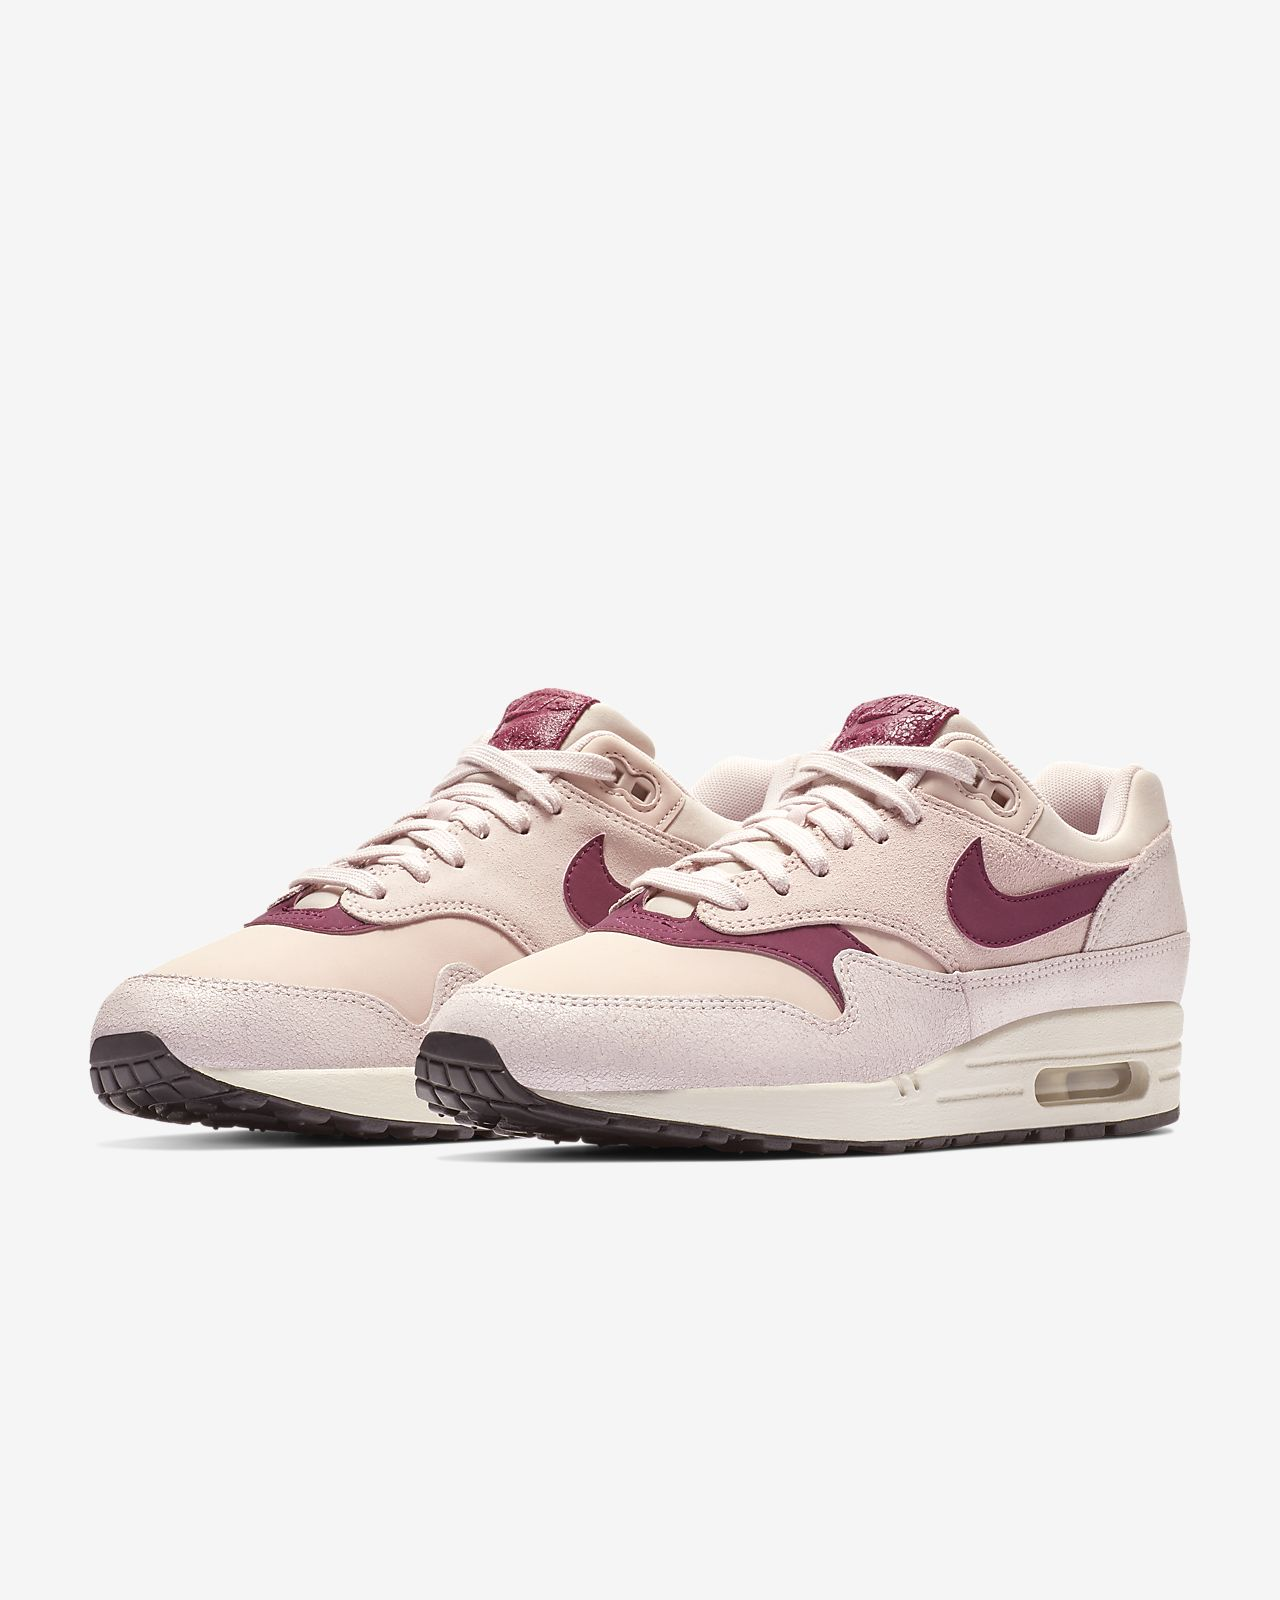 half off 0cd58 d22fa ... Nike Air Max 1 Premium Women s Shoe